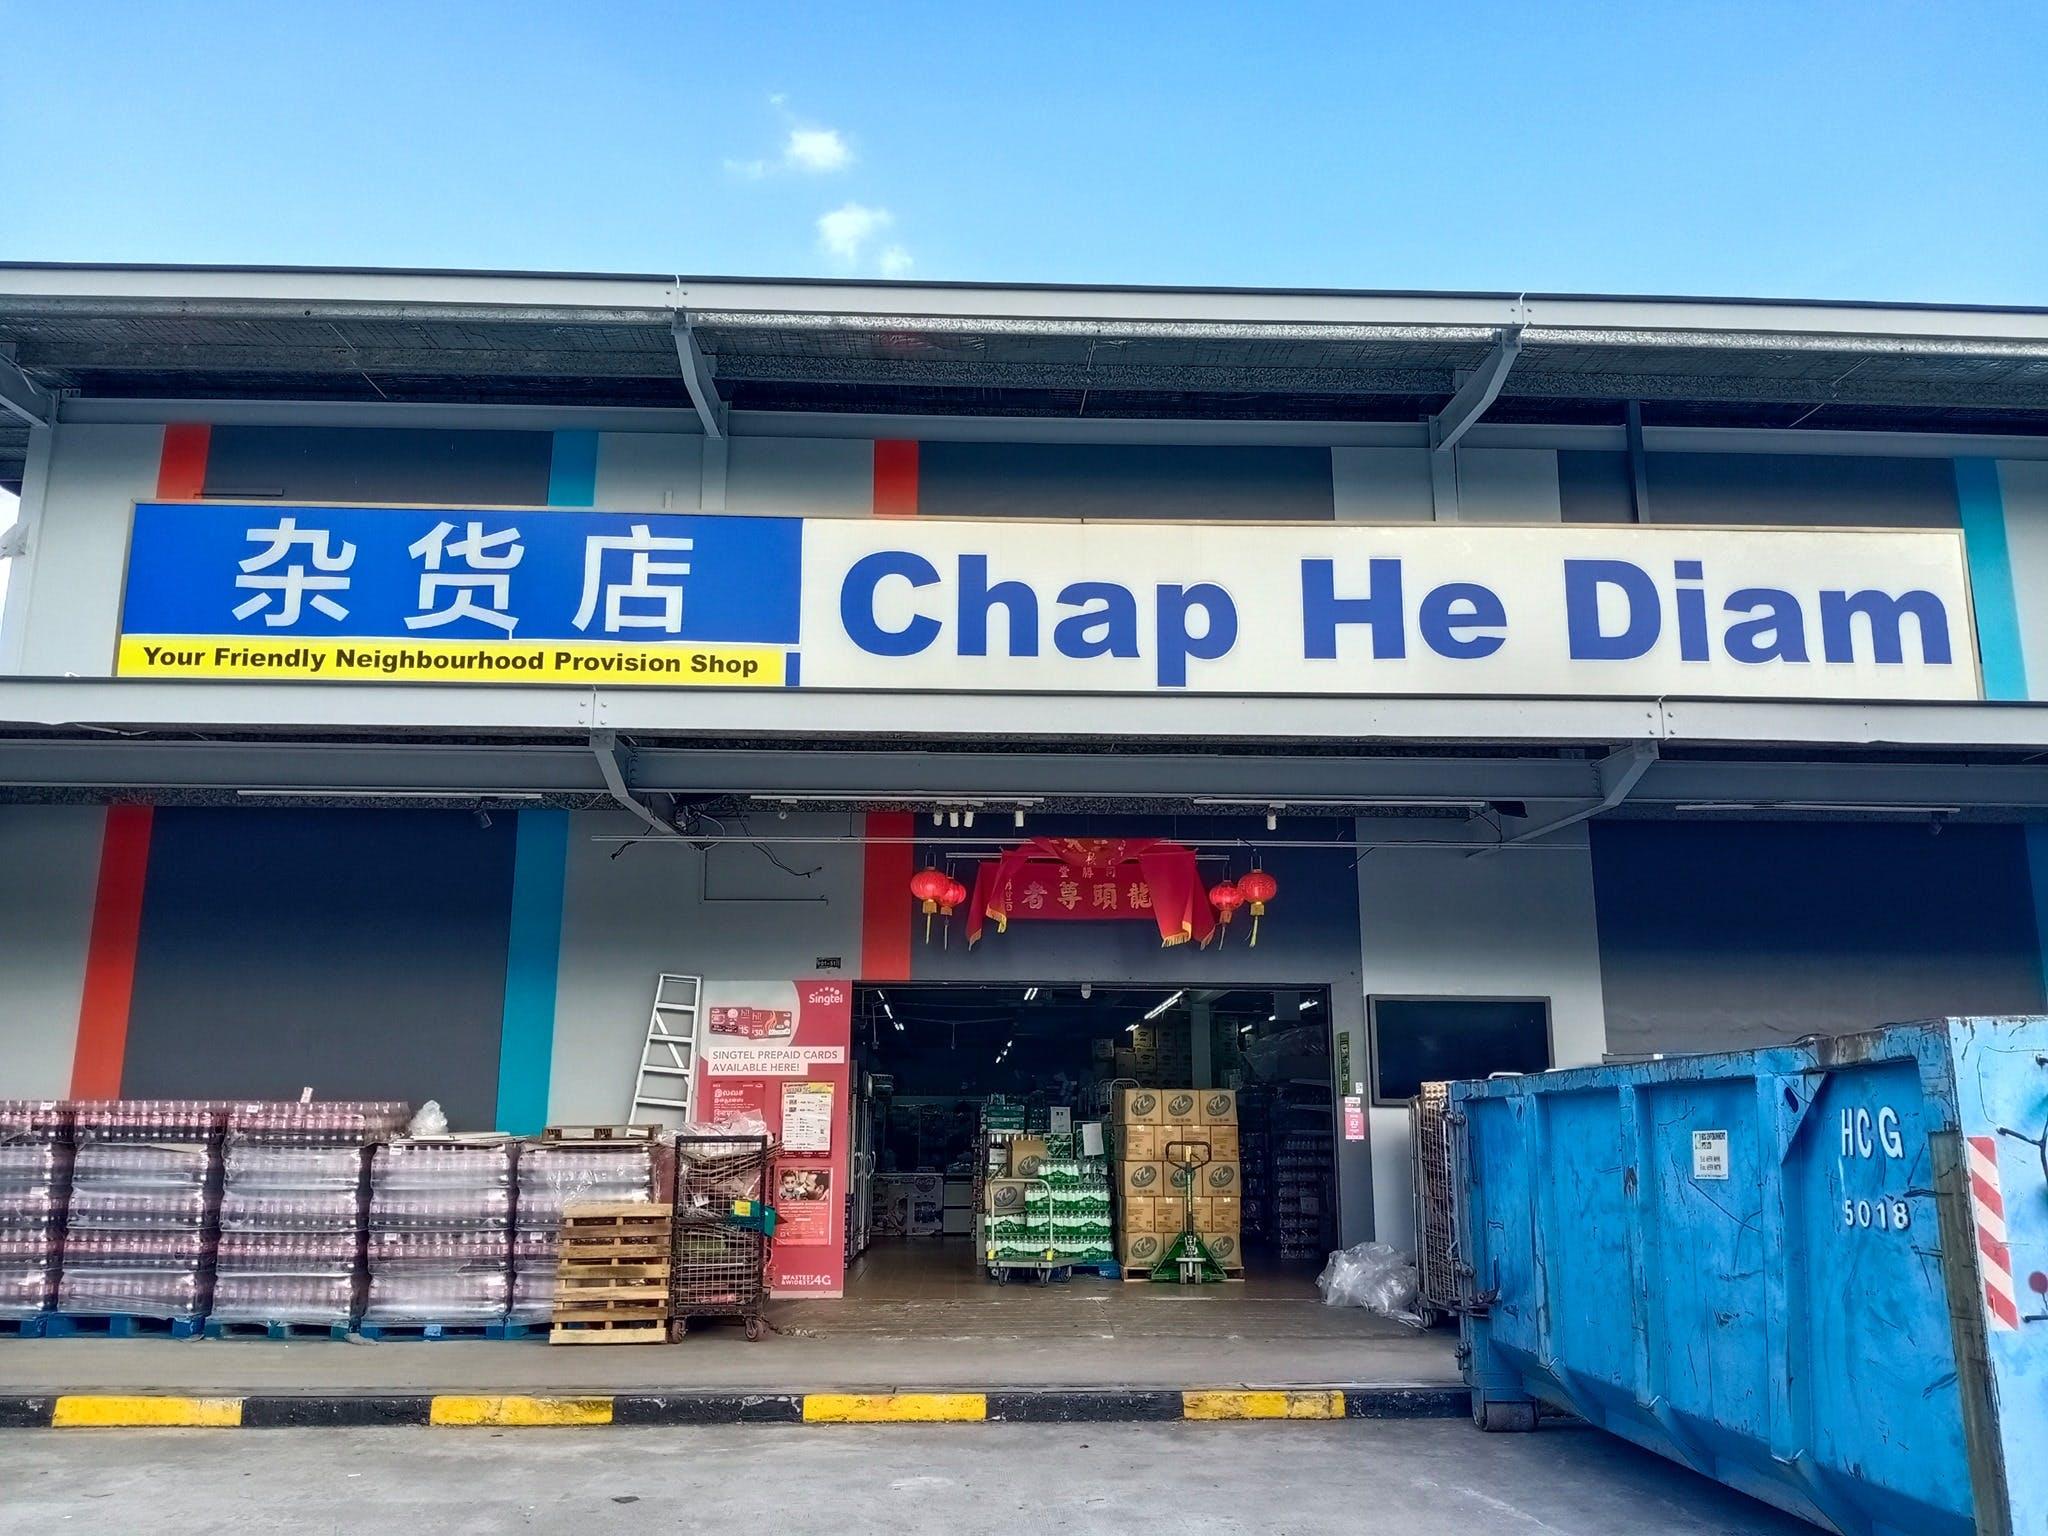 Chap He Diam